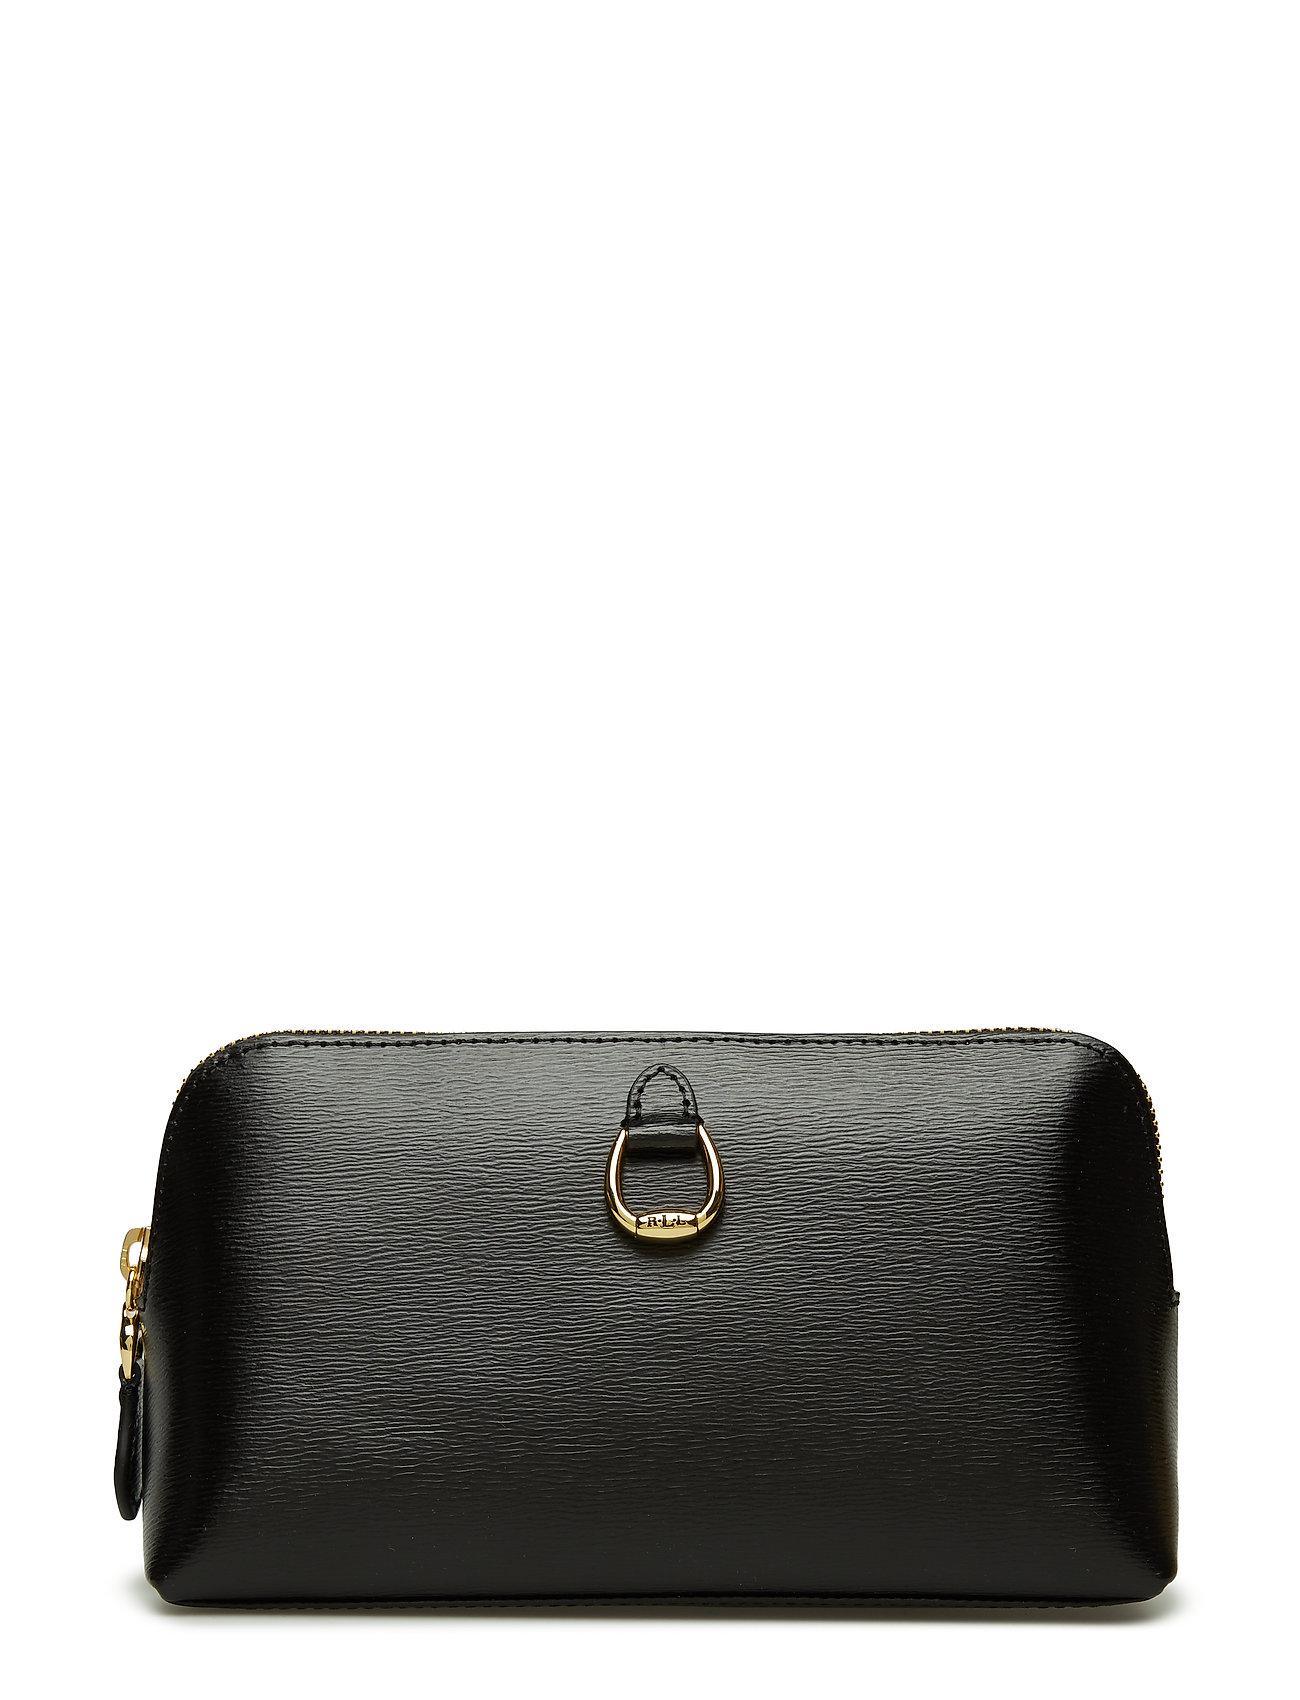 ec67c513bed9 Saffiano Leather Cosmetic Case (Black) (£79) - Lauren Ralph Lauren ...